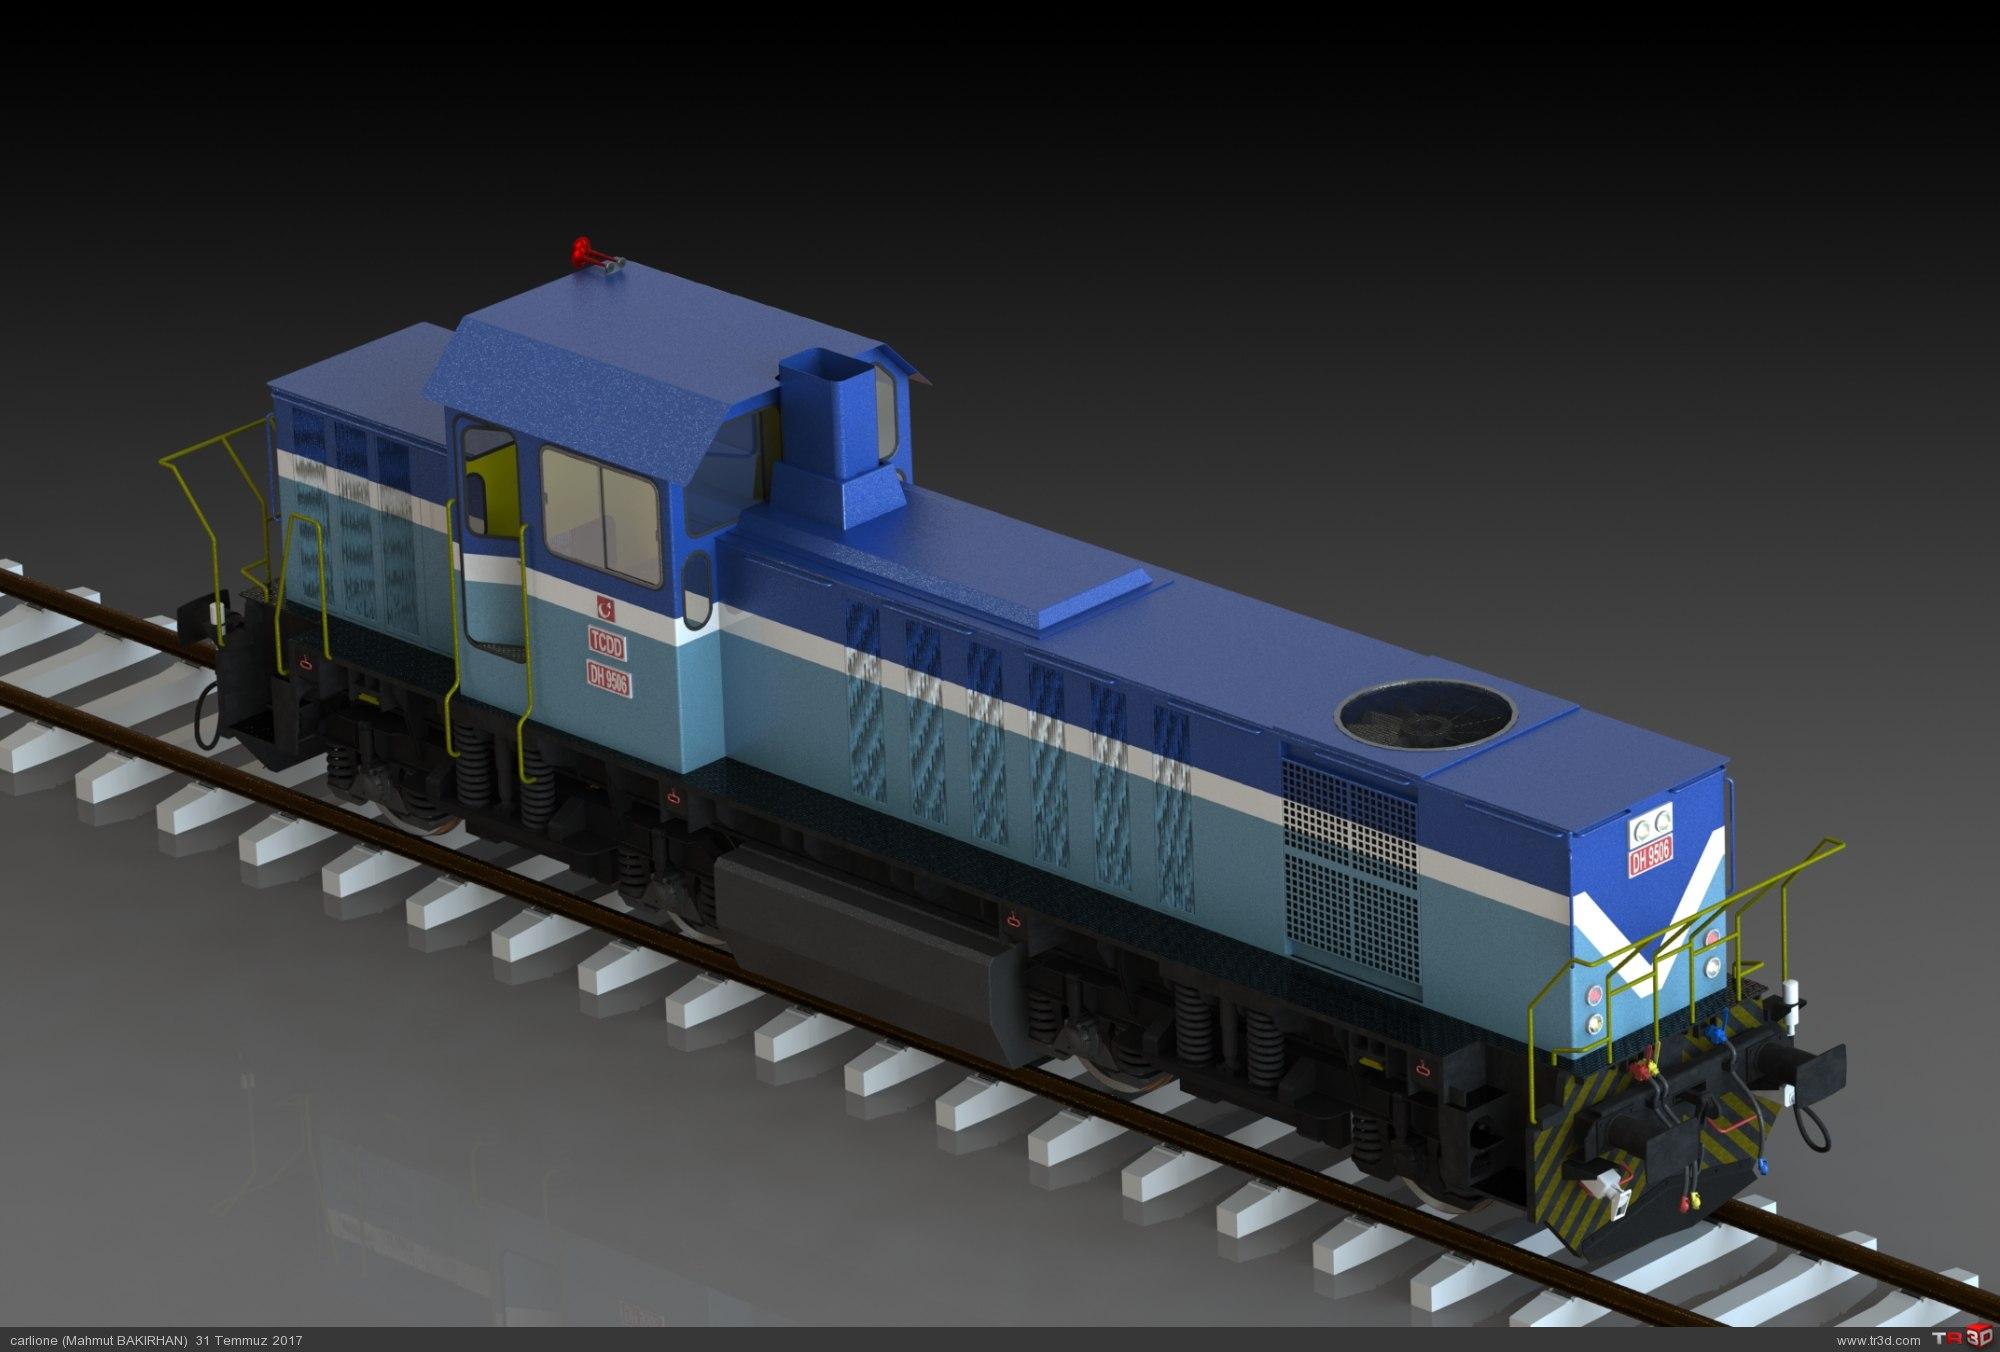 DH 9500 Manevra lokomotifi 2